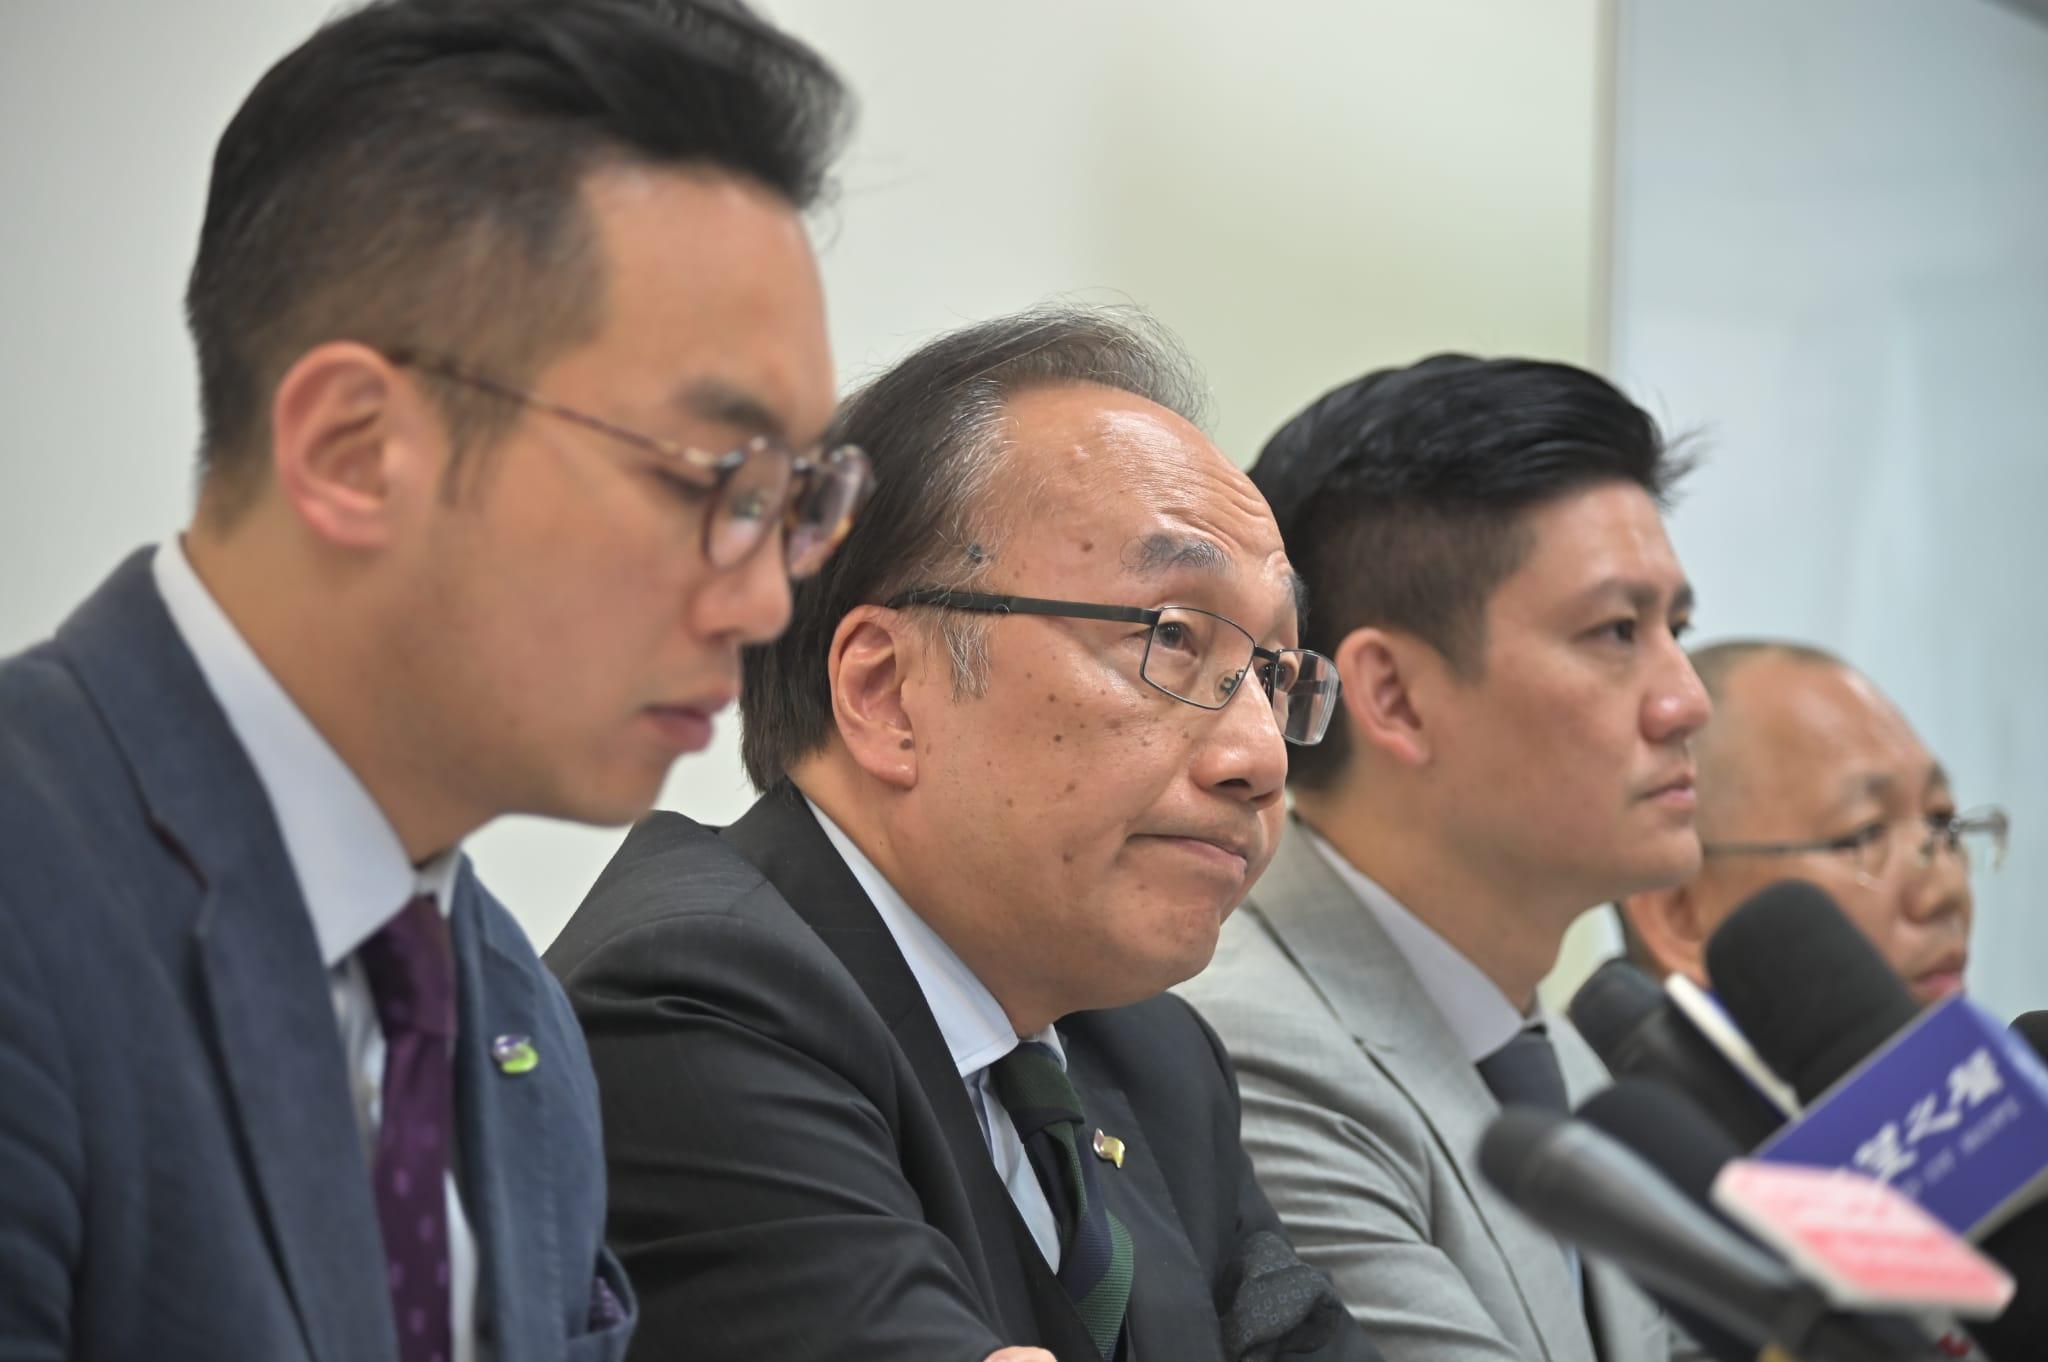 【区会选举】公民党梁家杰促官员总辞 警撤出理大